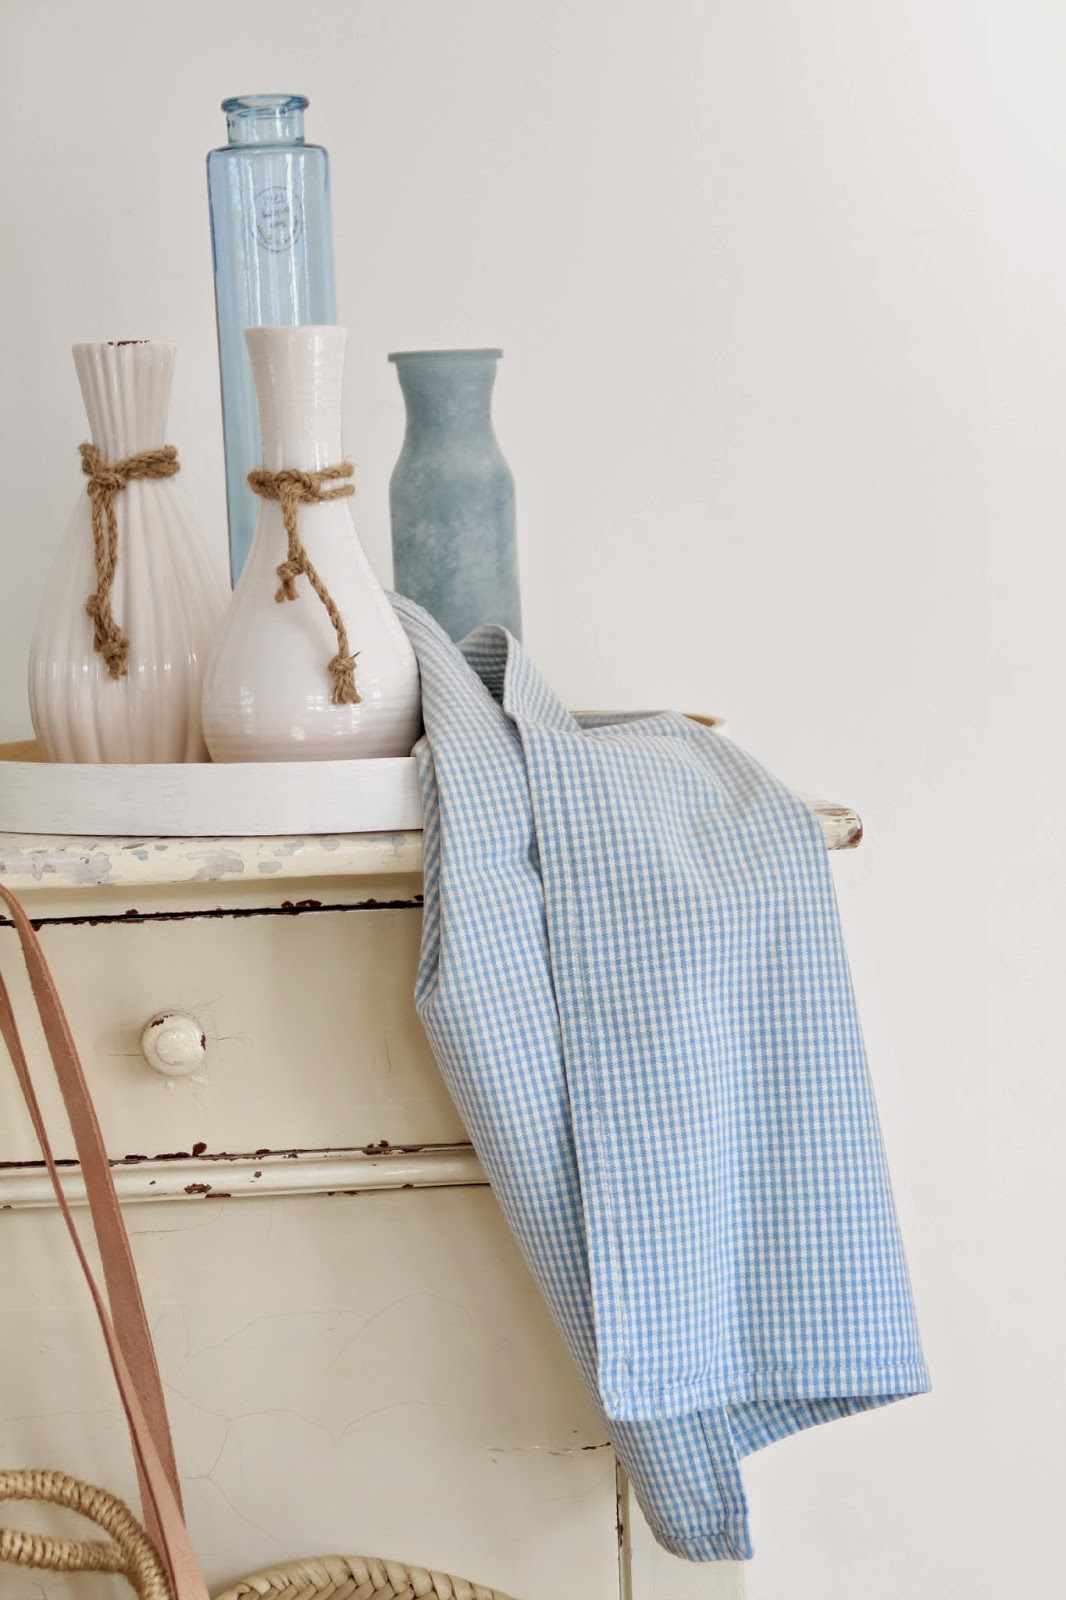 Vasen in weiß und hellblau auf Kommode mit hellblau kariertem Geschirrtuch im Vordergrund